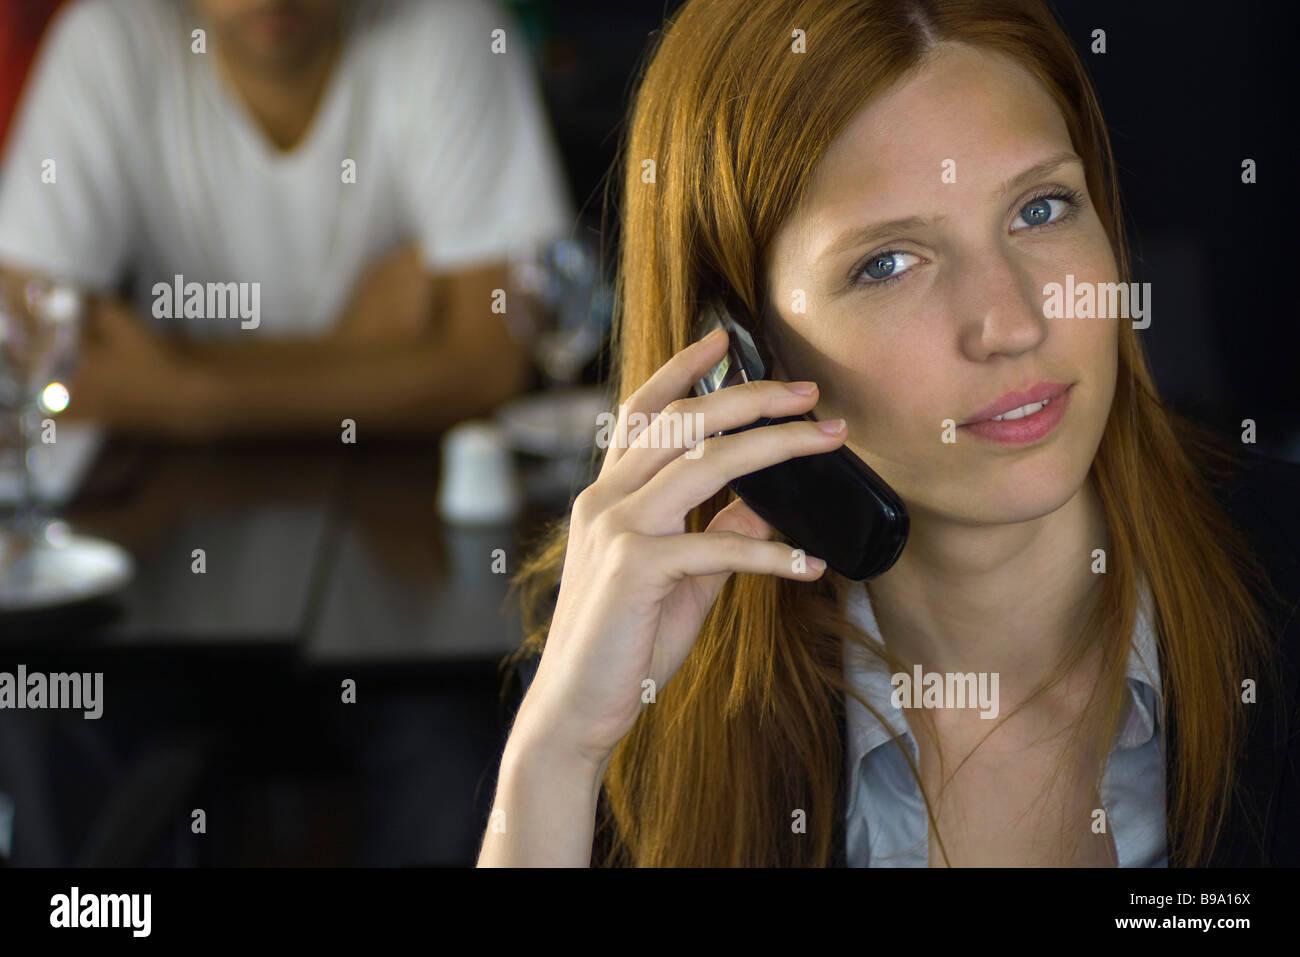 Frau mit Handy zum Ohr, in die Kamera Lächeln Stockfoto